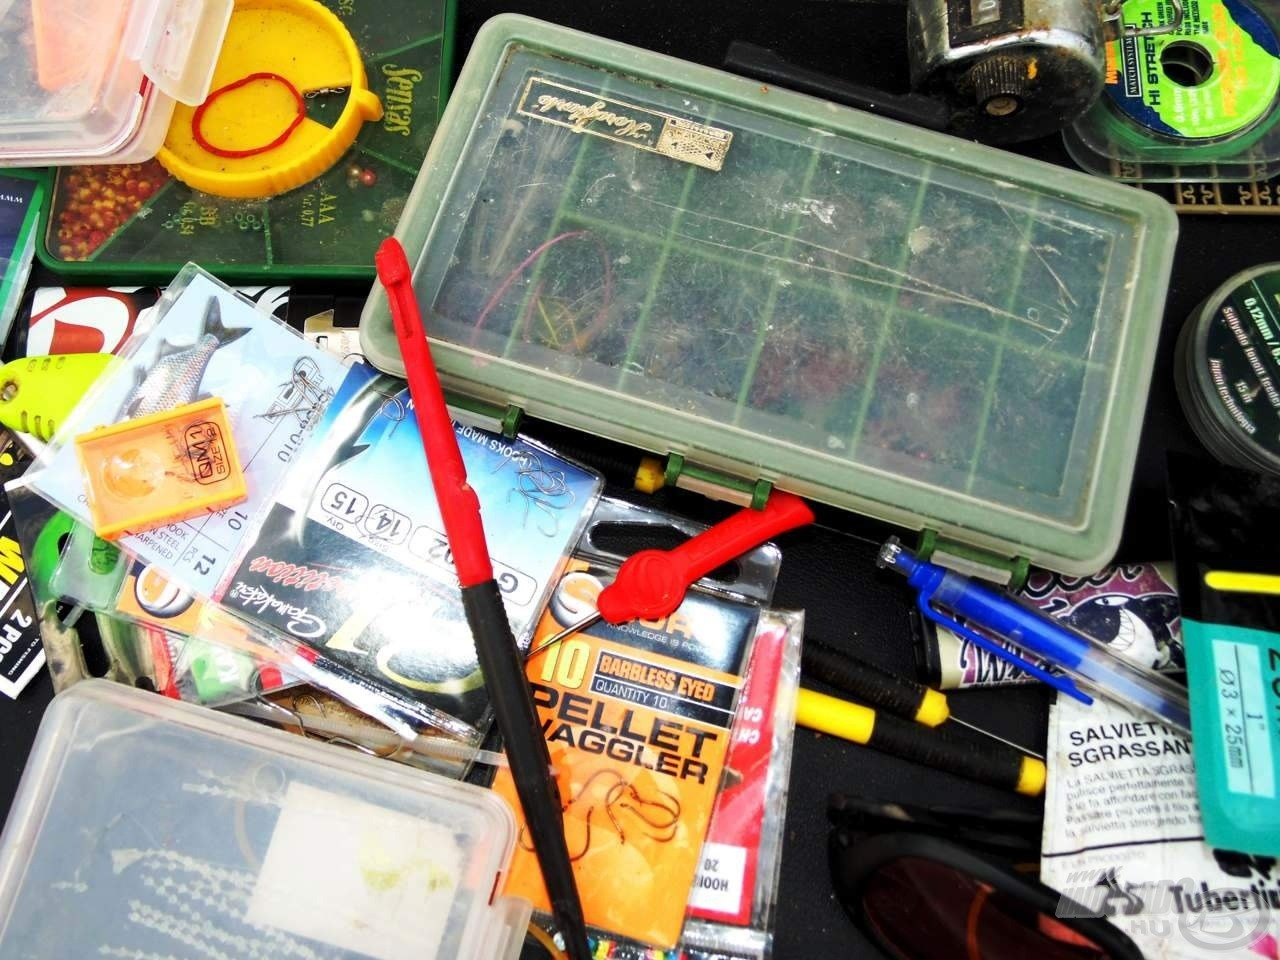 A dobozomban uralkodó látszólagos káosz ellenére is megtalálok minden aprócikket benne, amire szükségem lehet